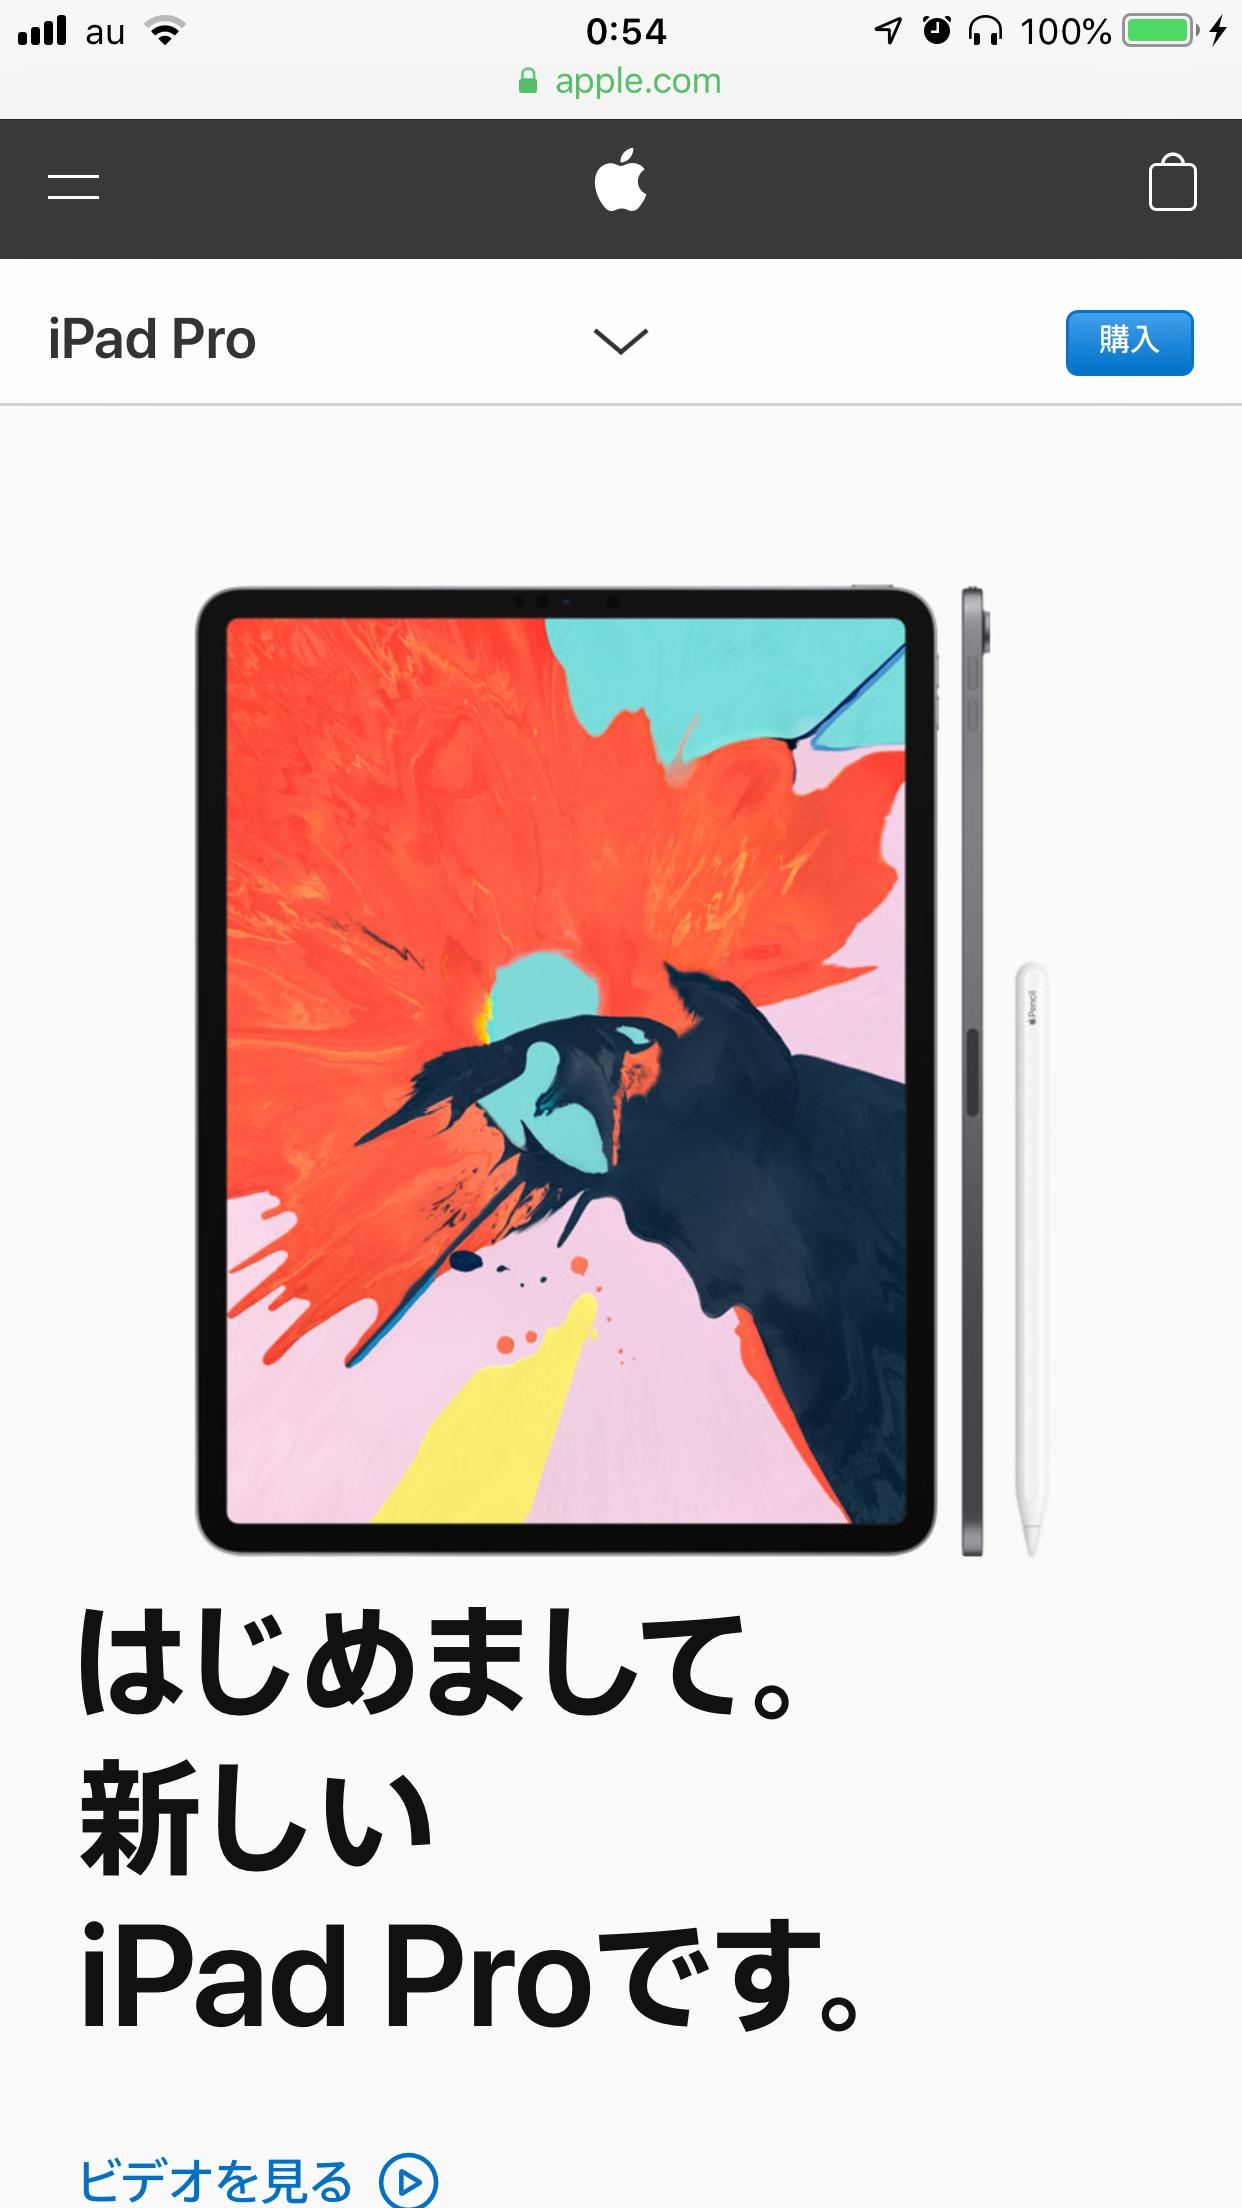 iPad Proのウェブページの縦のスクリーンショット